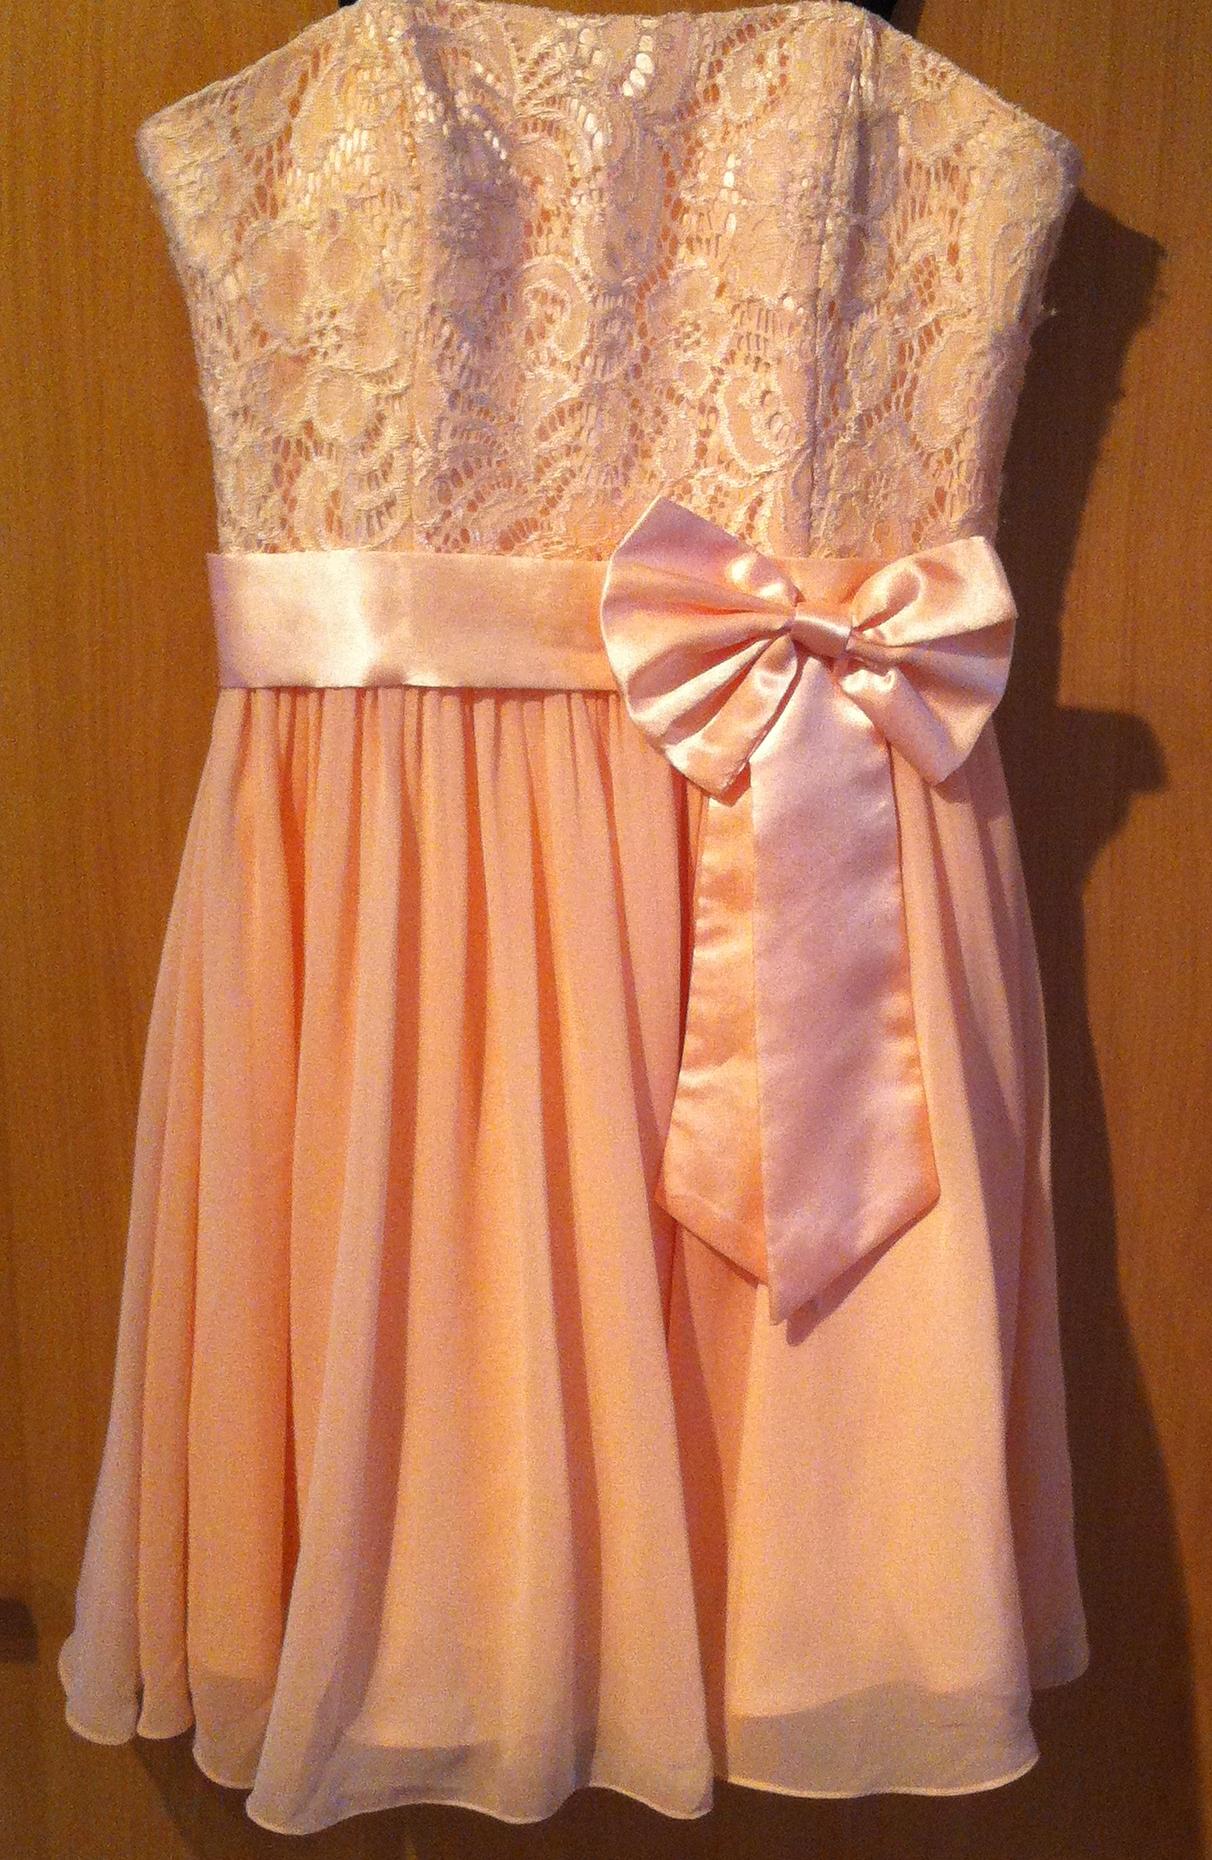 Welche schuhfarbe zu rosa cocktailkleid? (schuhe, farbe, ballkleid)